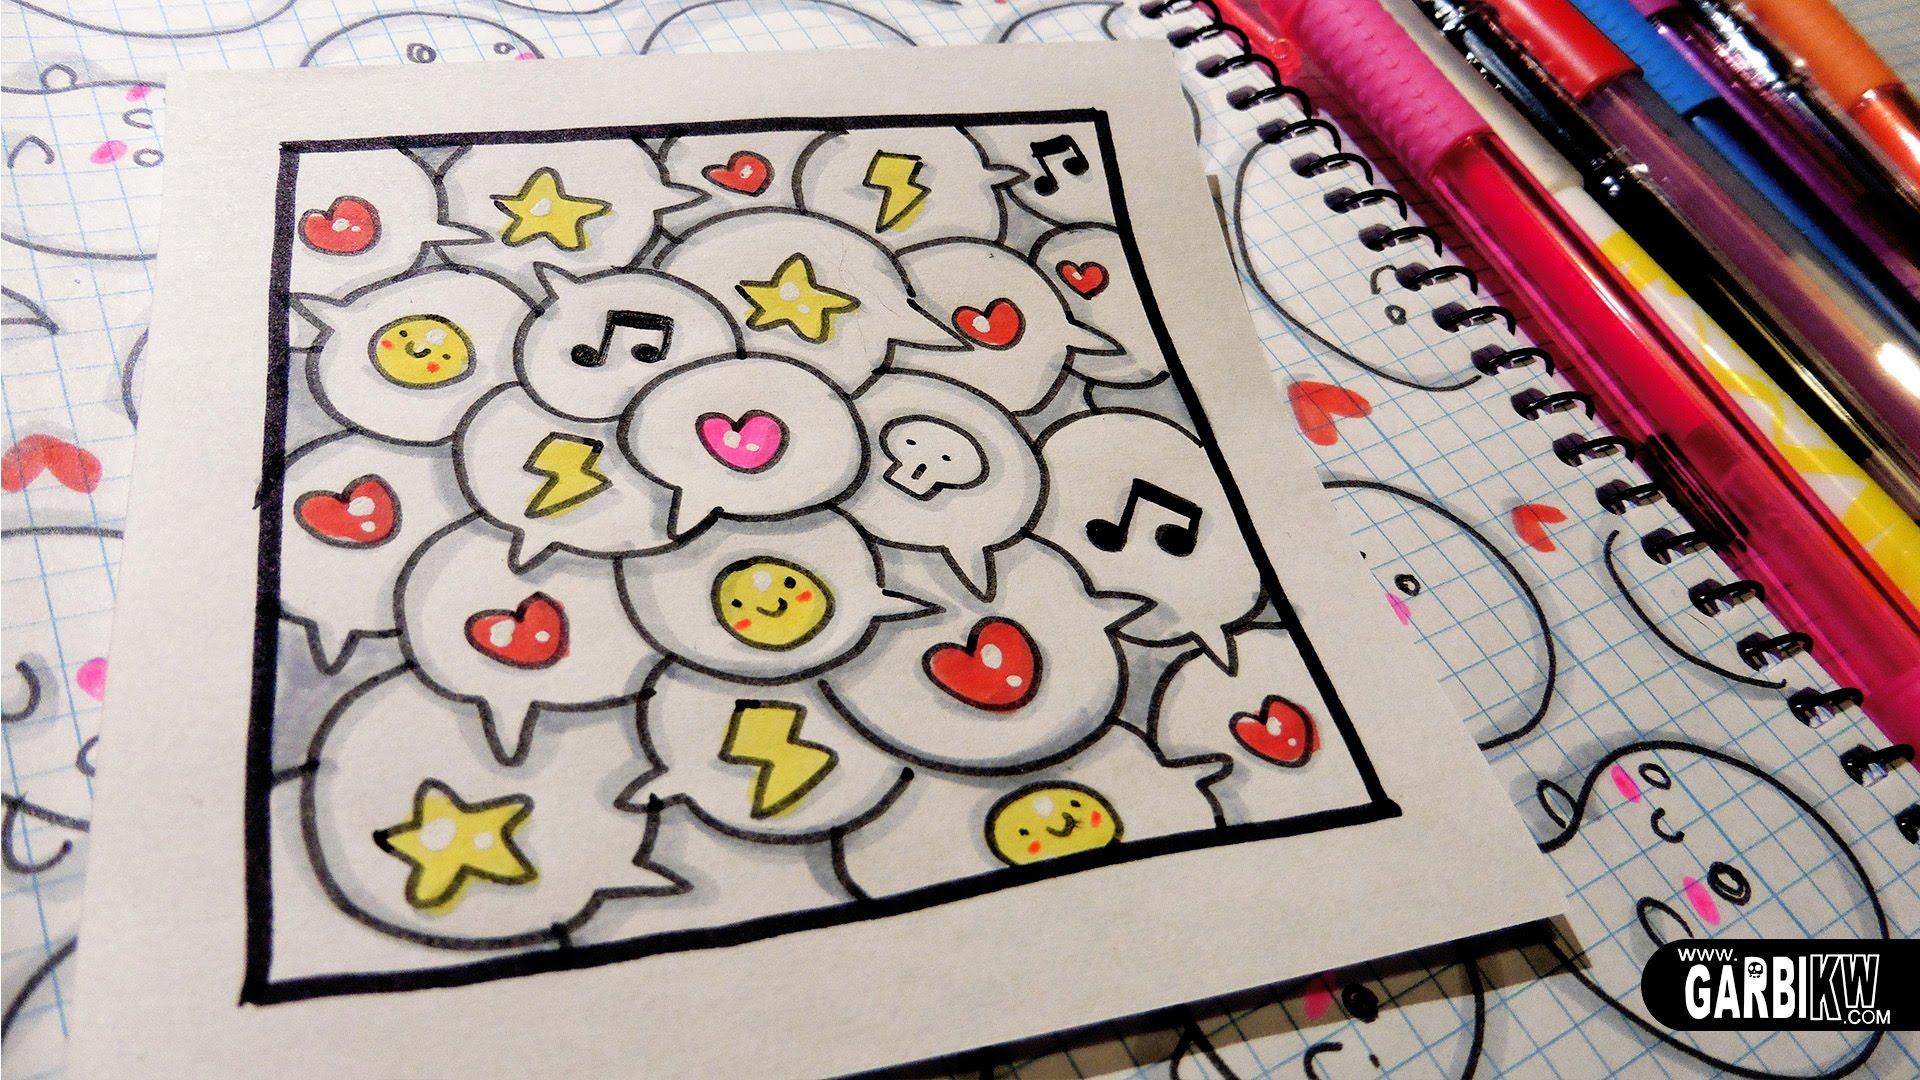 Красивые идеи и картинки для срисовки в личный дневник - сборка (21 фото) 21